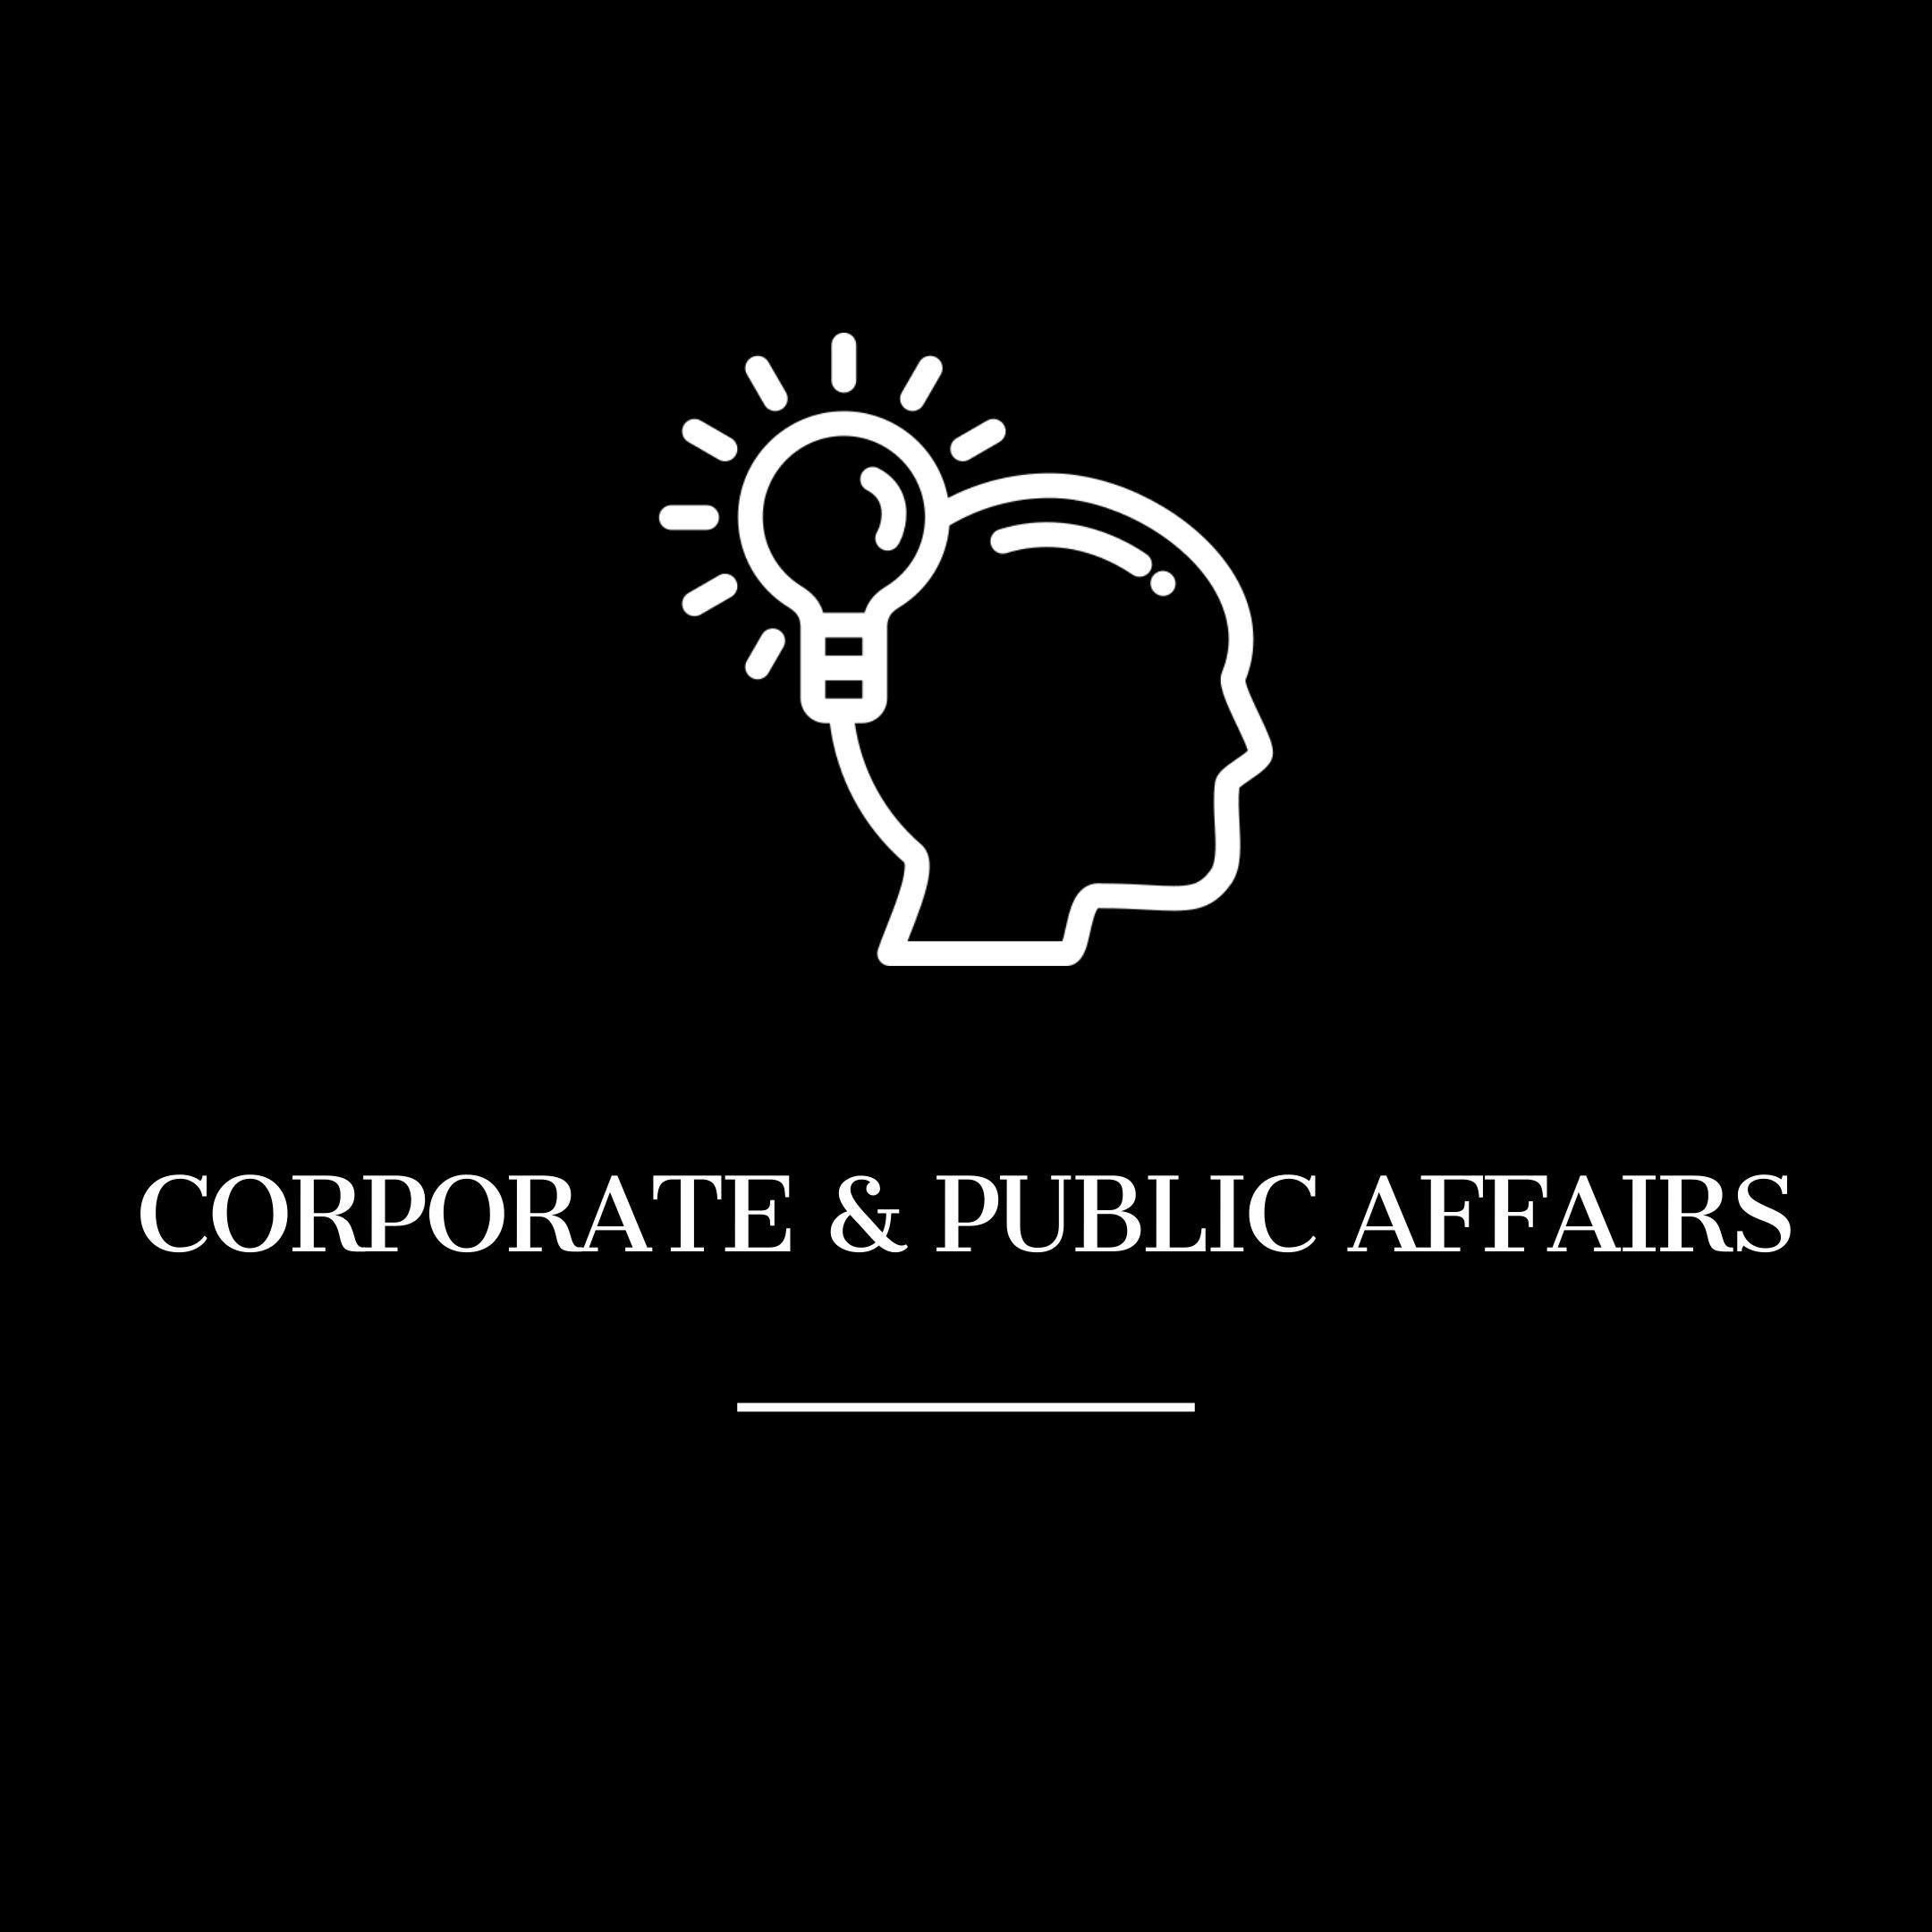 Corporate & Public Affairs